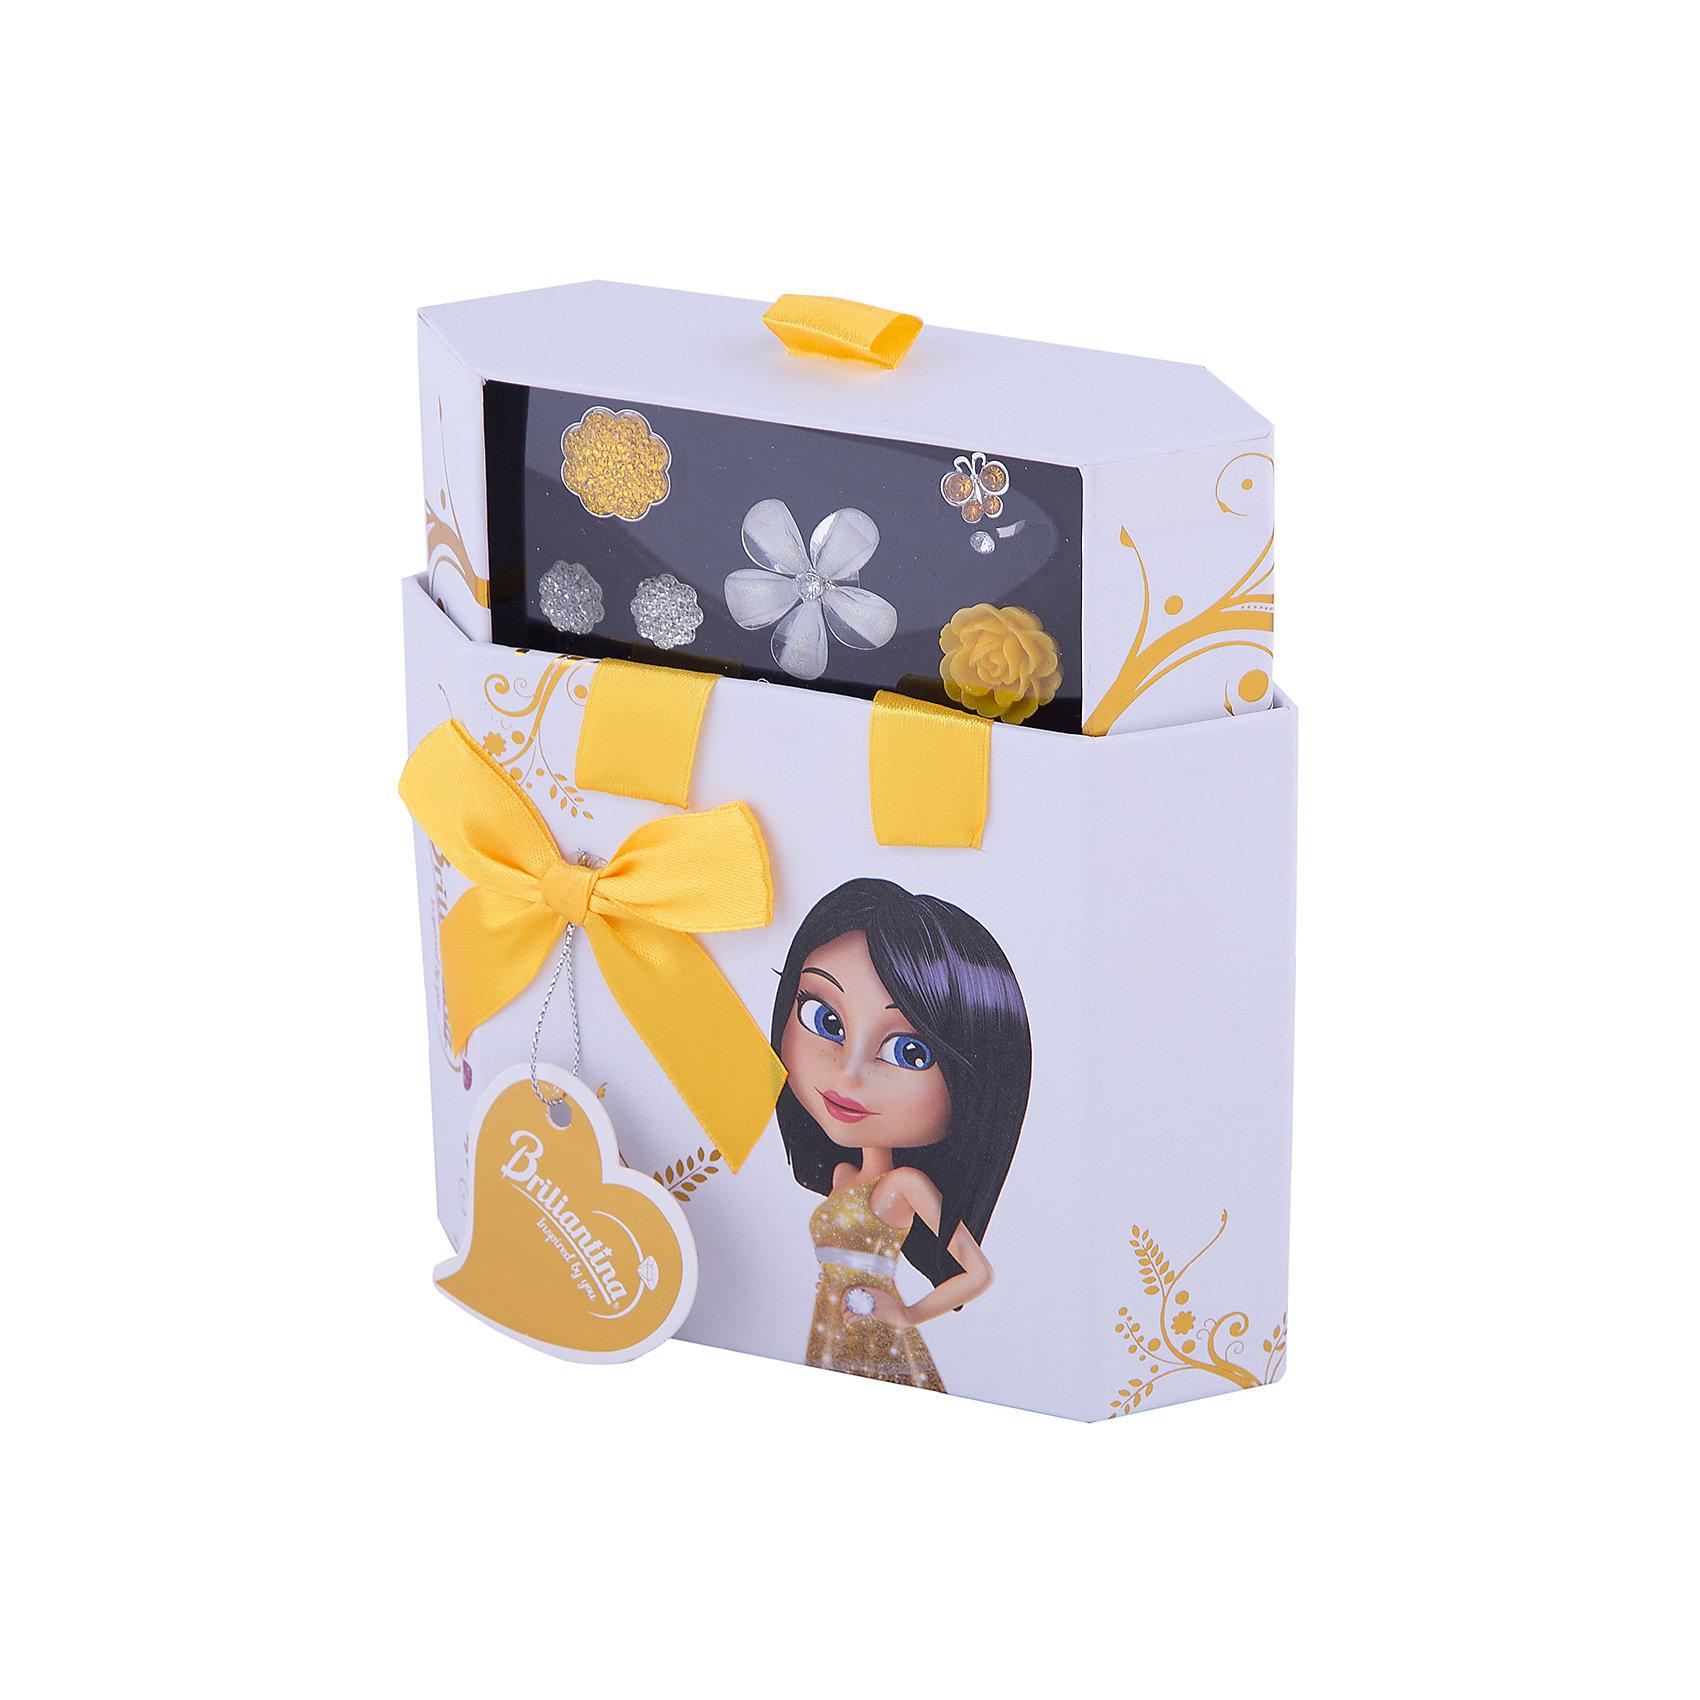 Шкатулка (цвет: золотой), BriliantinaПодарочный набор детской бижутерии Золотая шкатулка из серии Hex Box представляет собой оригинальный комплект с красивыми украшениями в золотисто-серебристых тонах. О таких стильных аксессуарах мечтает каждая девочка, желающая поскорее вырасти и быть похожей на свою маму.<br>В наборе можно найти два колечка из коллекции Uno и два - из серии Exelent, а в дополнении к ним - пара красивых сережек, которые прекрасно сочетаются со всем комплектом по цветовой гамме и дизайну.<br>В шкатулке предусмотрено 10 отделений для сережек и колец, которые можно хранить в ней, собирая великолепную коллекцию оригинальных украшений. Остальные сережки и кольца следует приобрести отдельно.<br>На все изделия нанесено специальное покрытие из хрома и никеля, которое защитит от проявления аллергической реакции.<br><br>Ширина мм: 155<br>Глубина мм: 55<br>Высота мм: 170<br>Вес г: 160<br>Возраст от месяцев: 36<br>Возраст до месяцев: 84<br>Пол: Женский<br>Возраст: Детский<br>SKU: 5418931